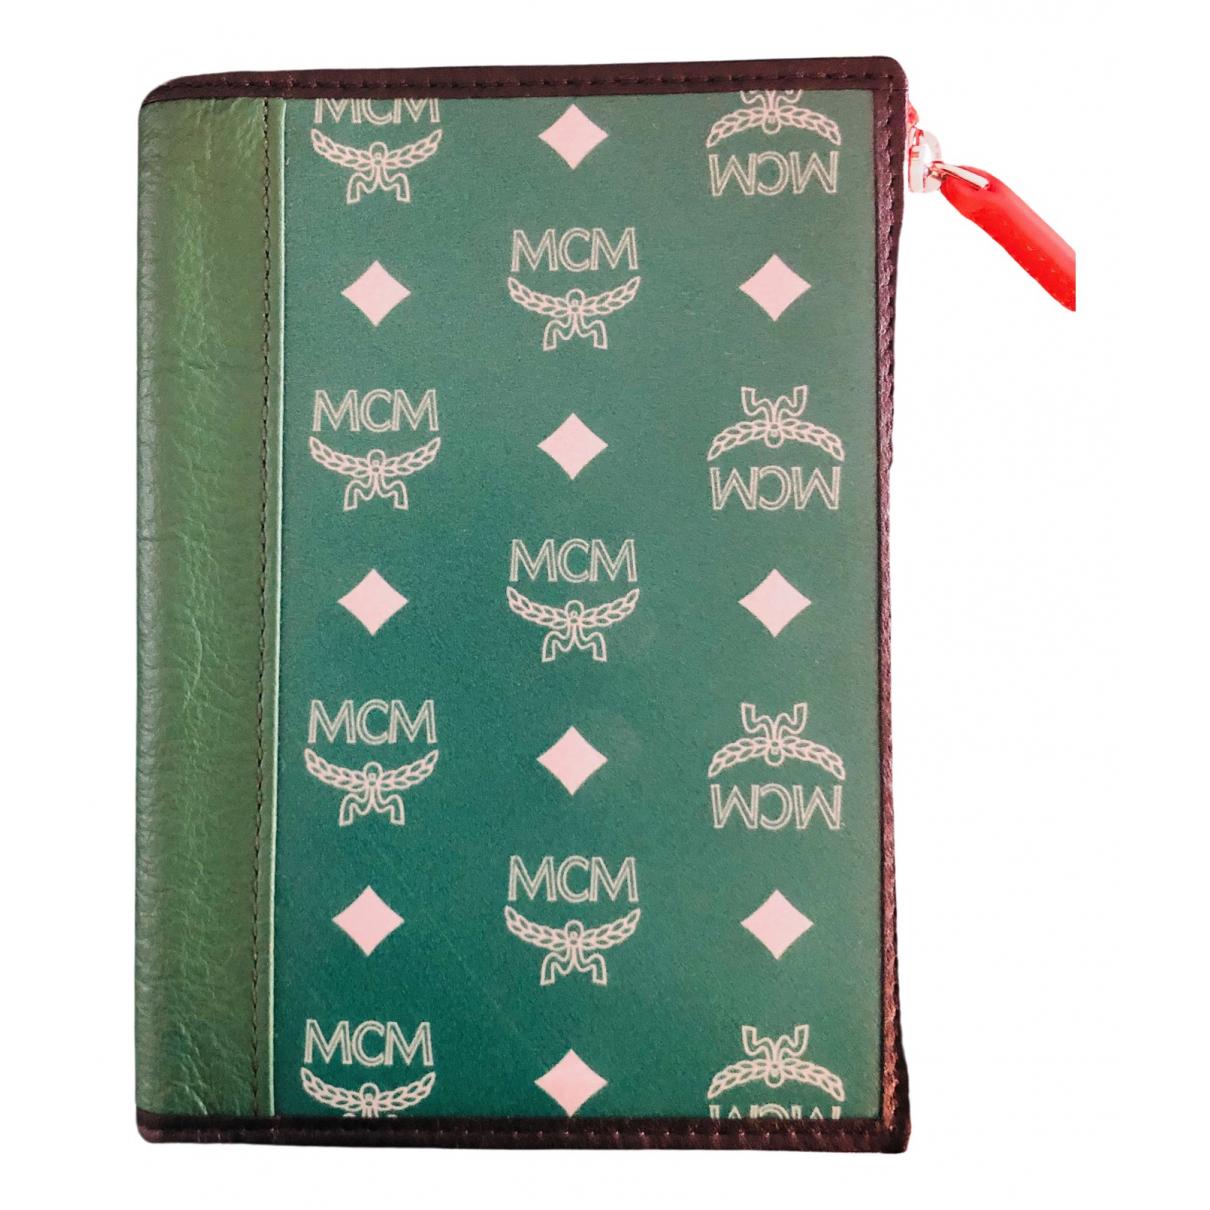 Mcm - Petite maroquinerie   pour homme - vert